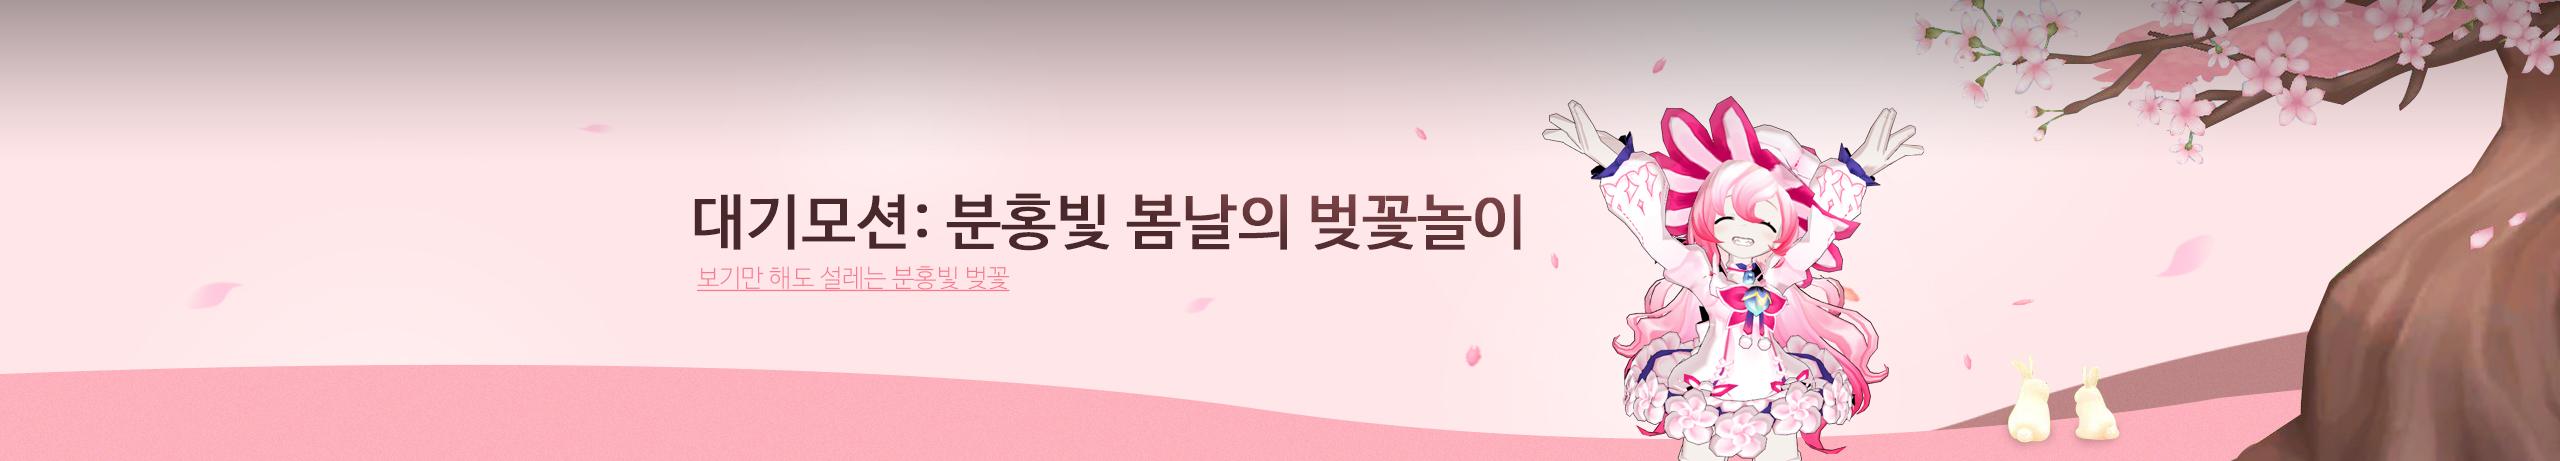 대기모션: 분홍빛 봄날의 벚꽃놀이